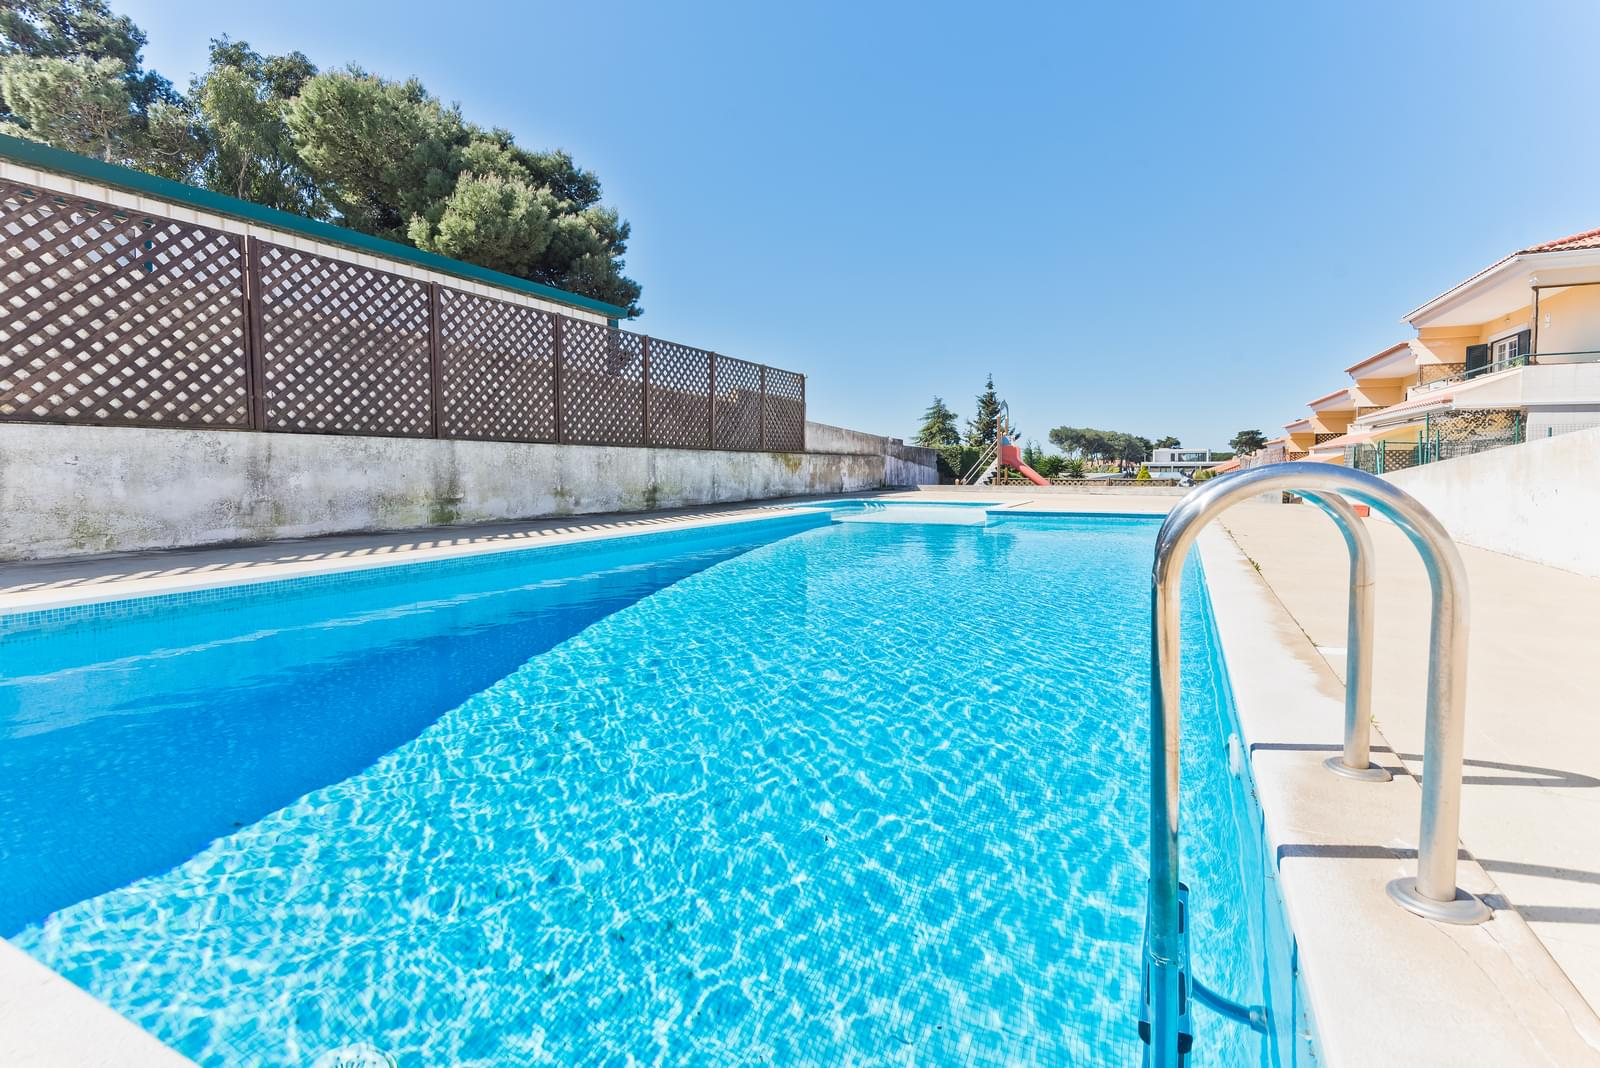 Moradia T4 com piscina em condomínio fechado